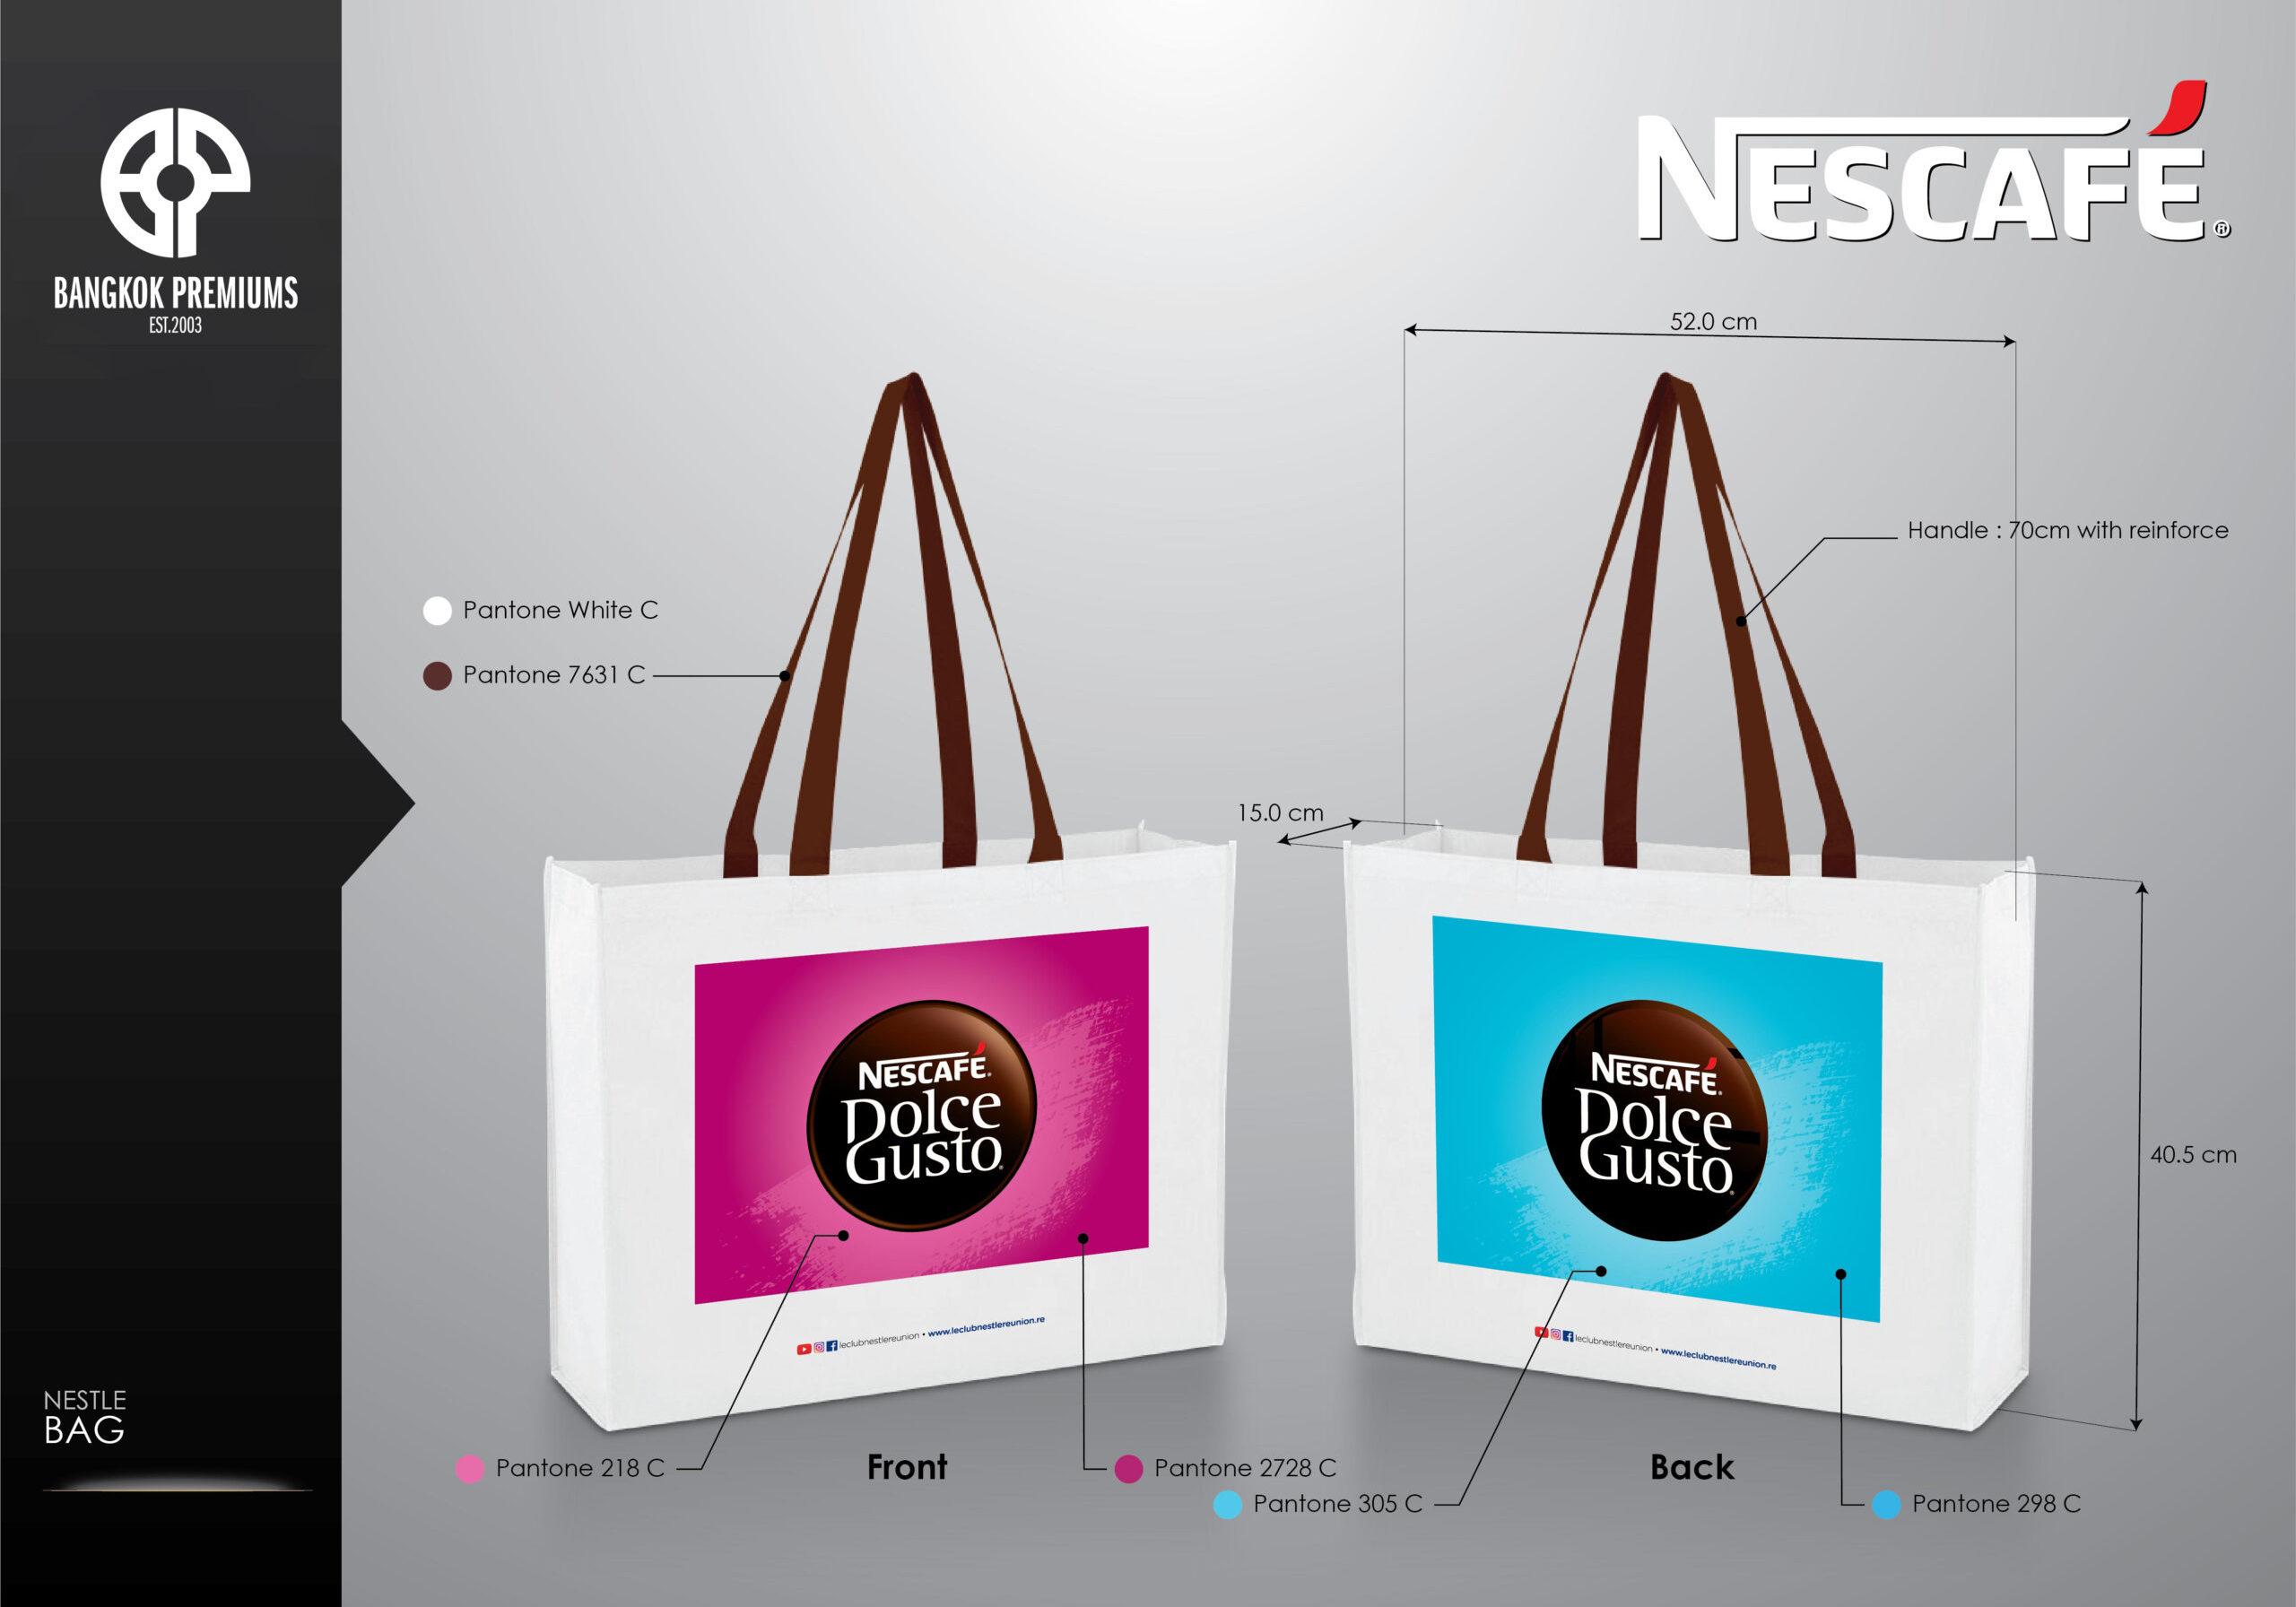 Nestle PP Woven Bag [20-01-21]